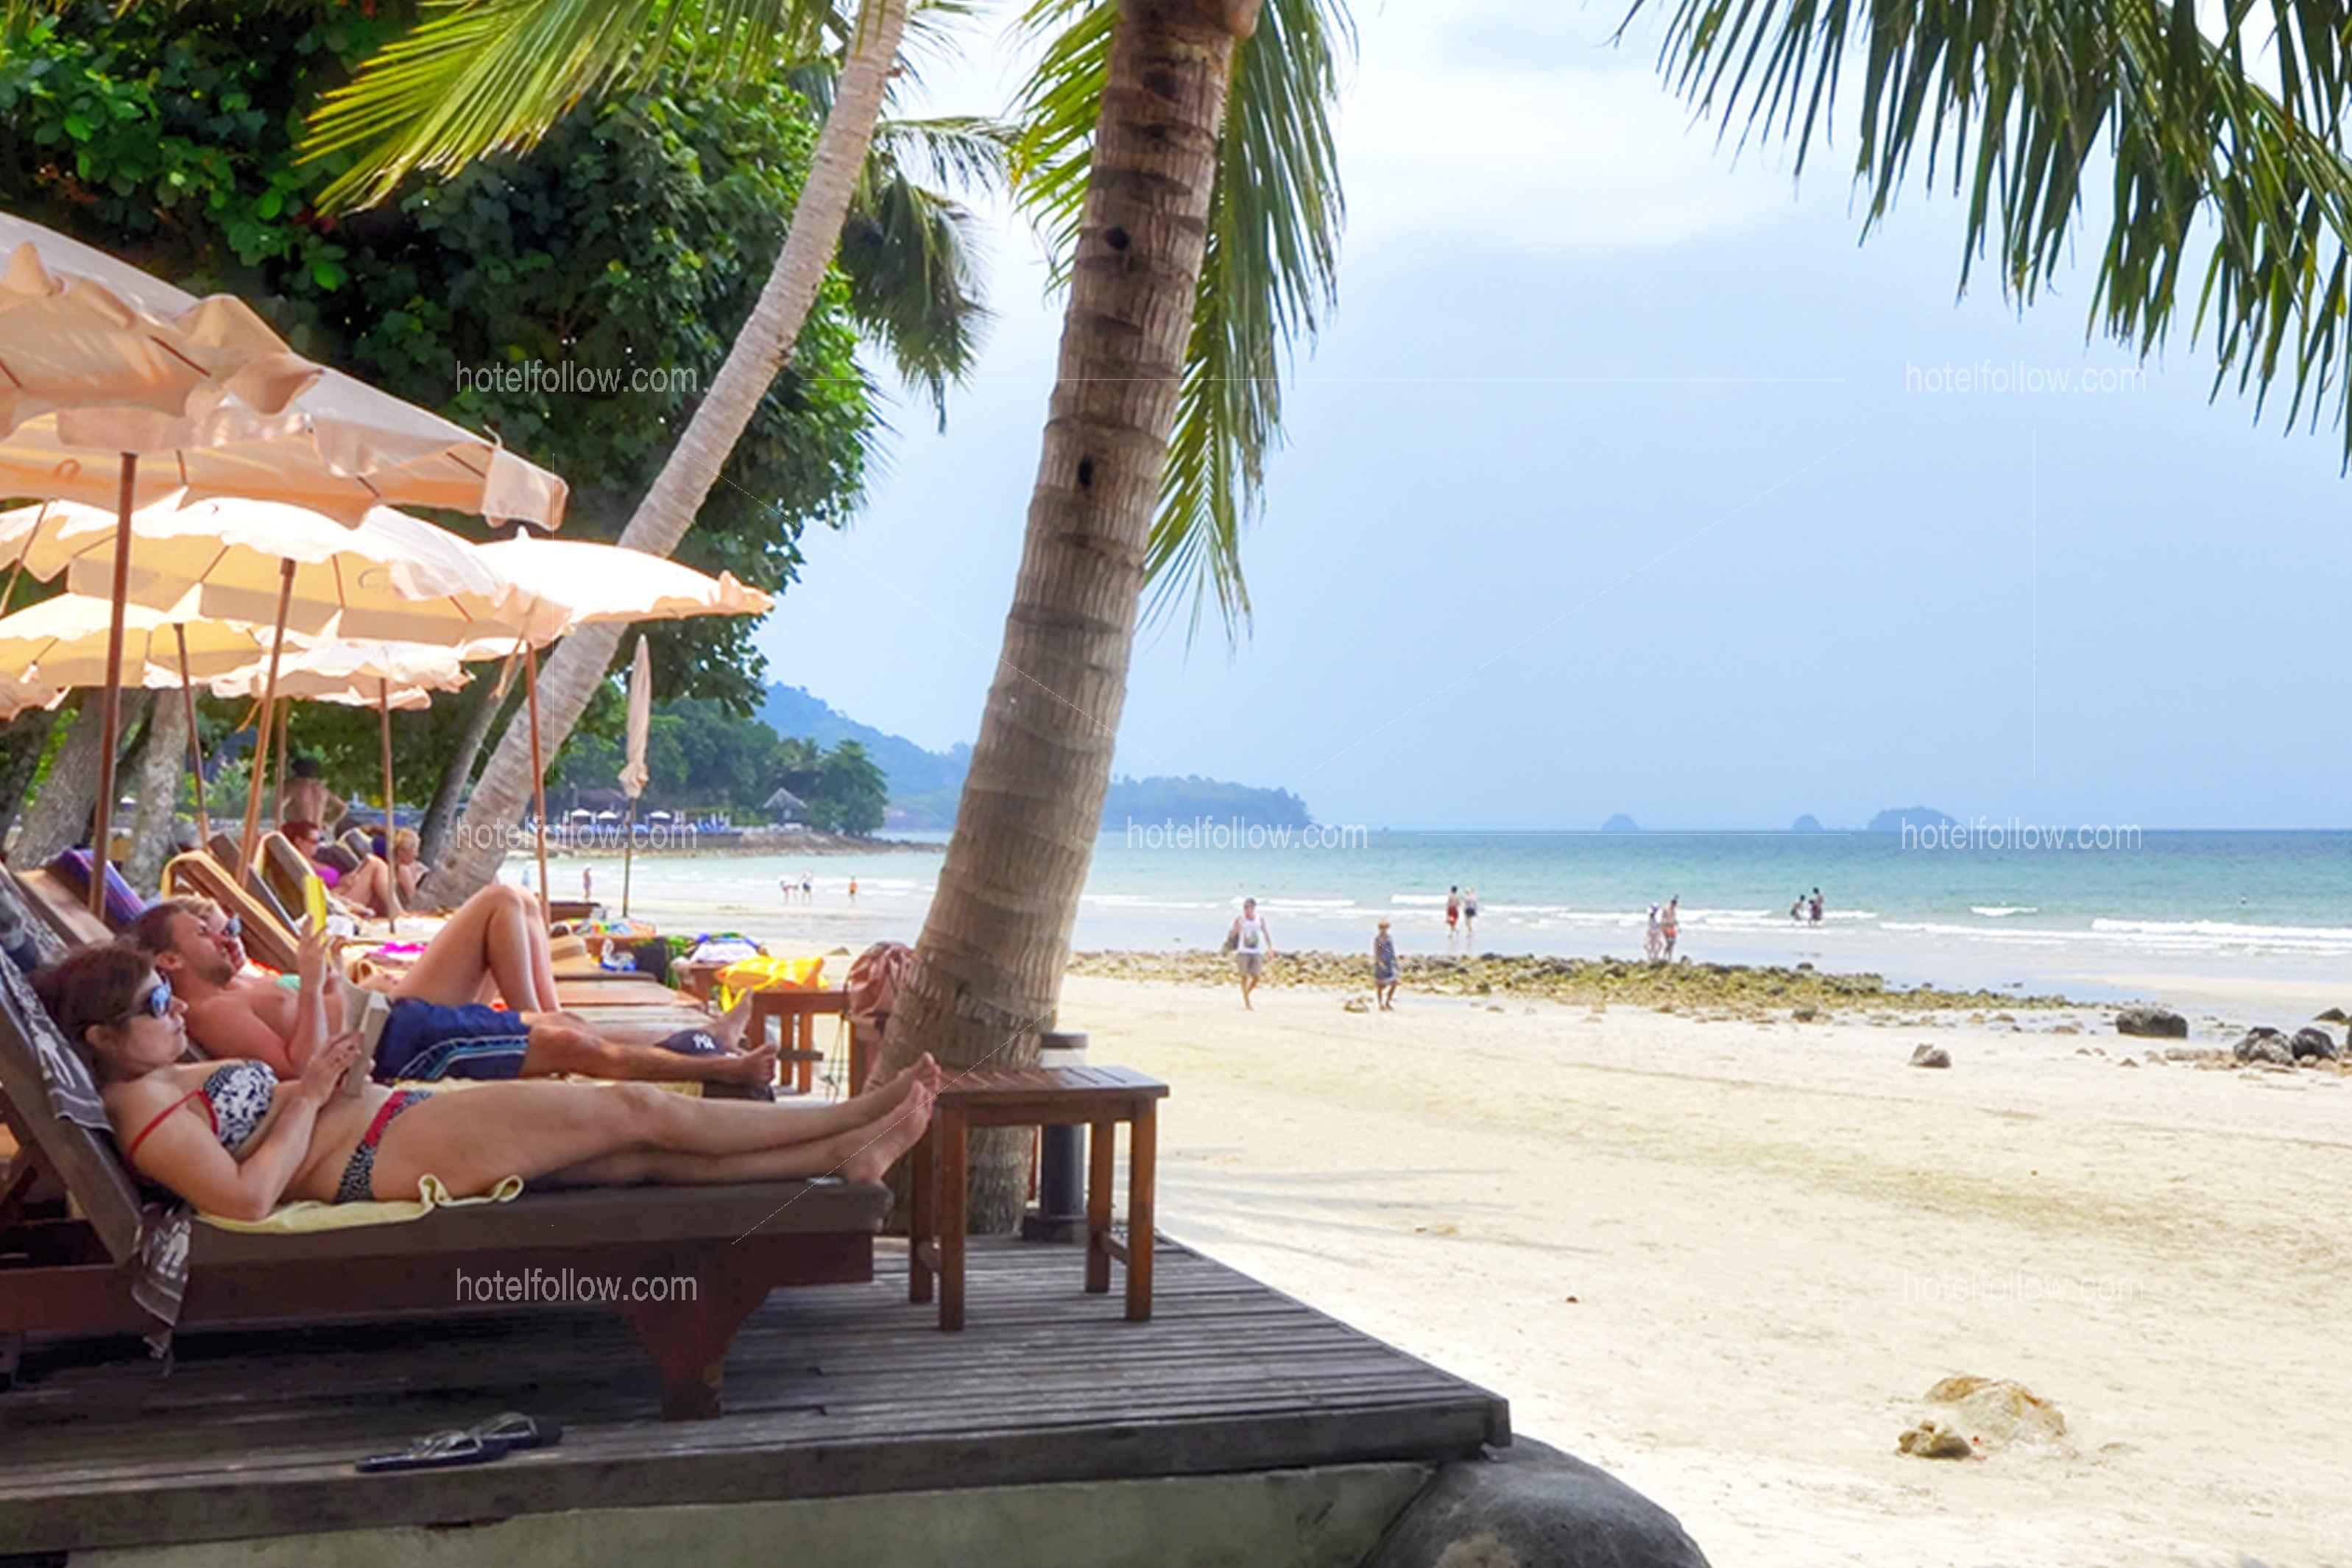 รูปของโรงแรม โรงแรม เกาะช้าง คชา รีสอร์ท แอนด์ สปา หาดทรายขาว